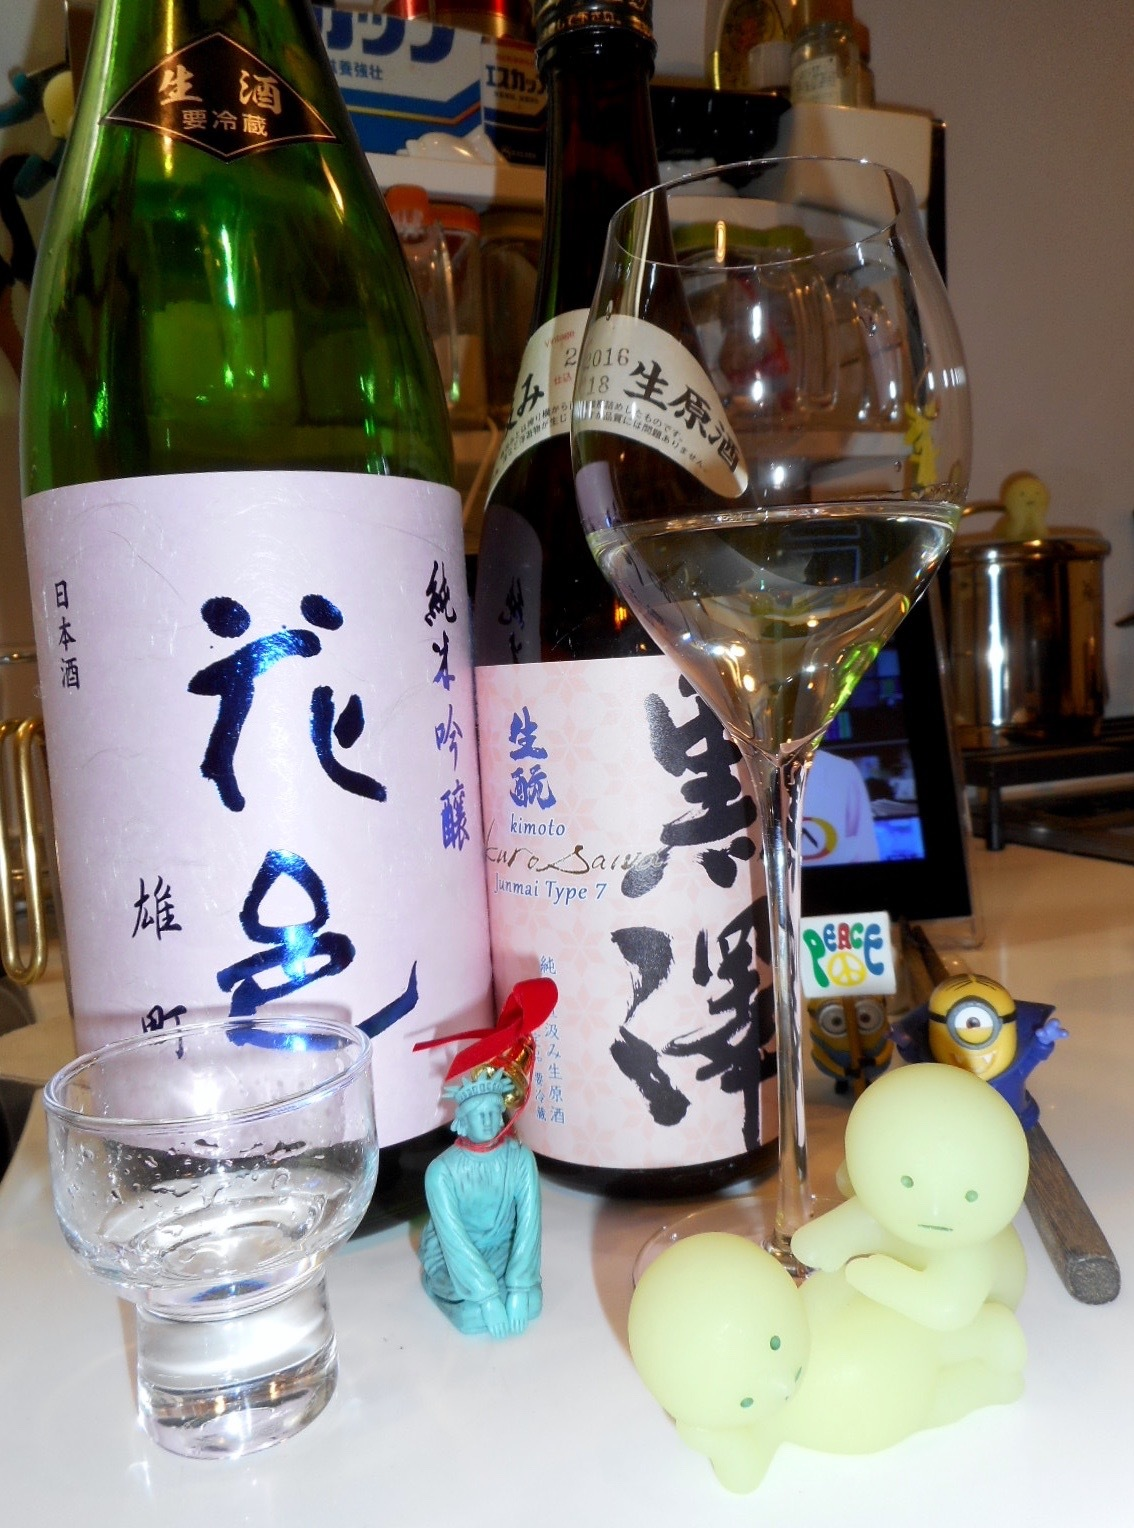 kurosawa_type7_28by7.jpg